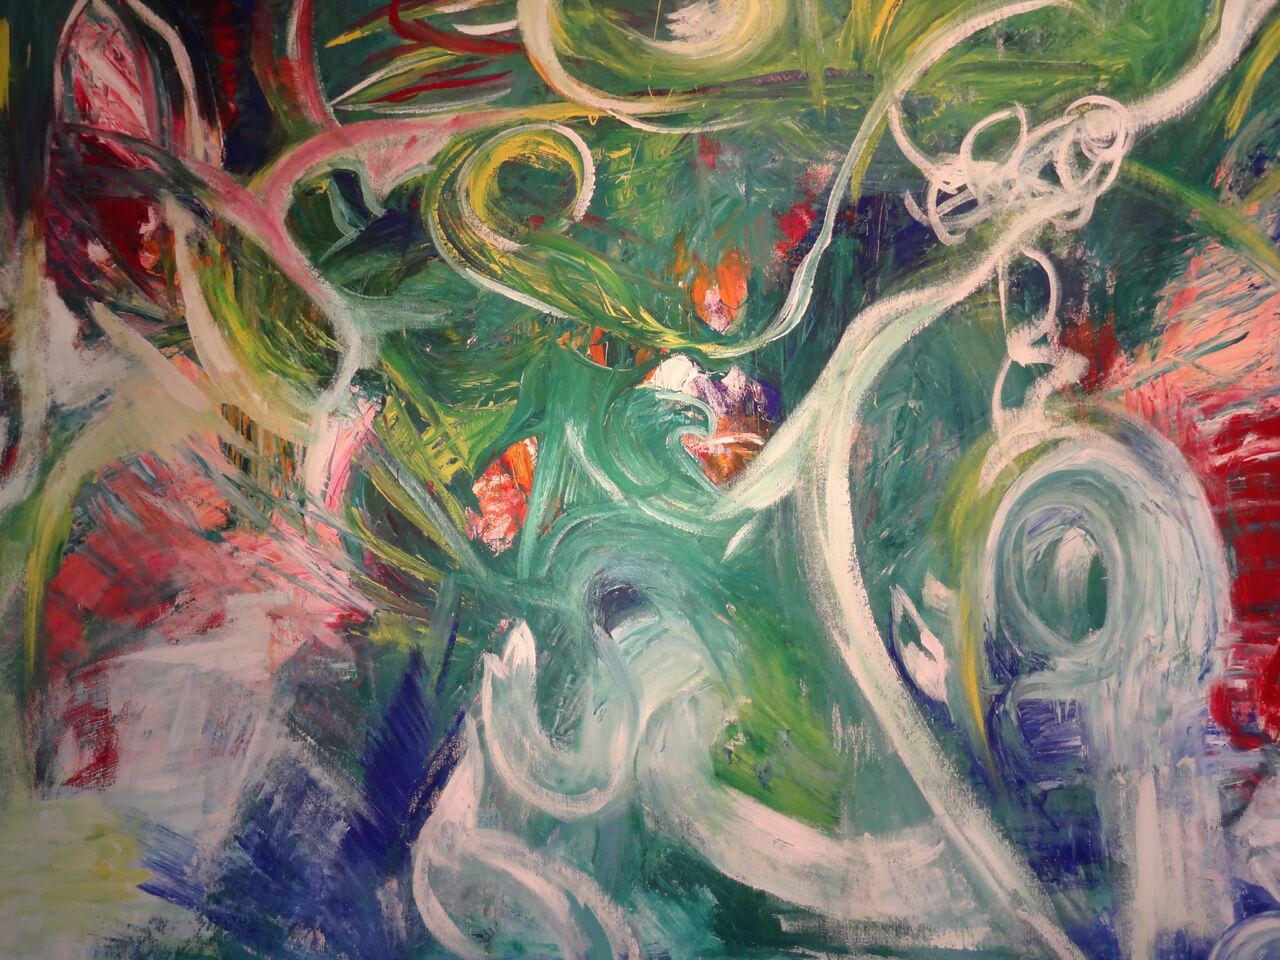 """""""Poesie in Farben"""" Gouache auf Leinwand, 90x110 cm"""